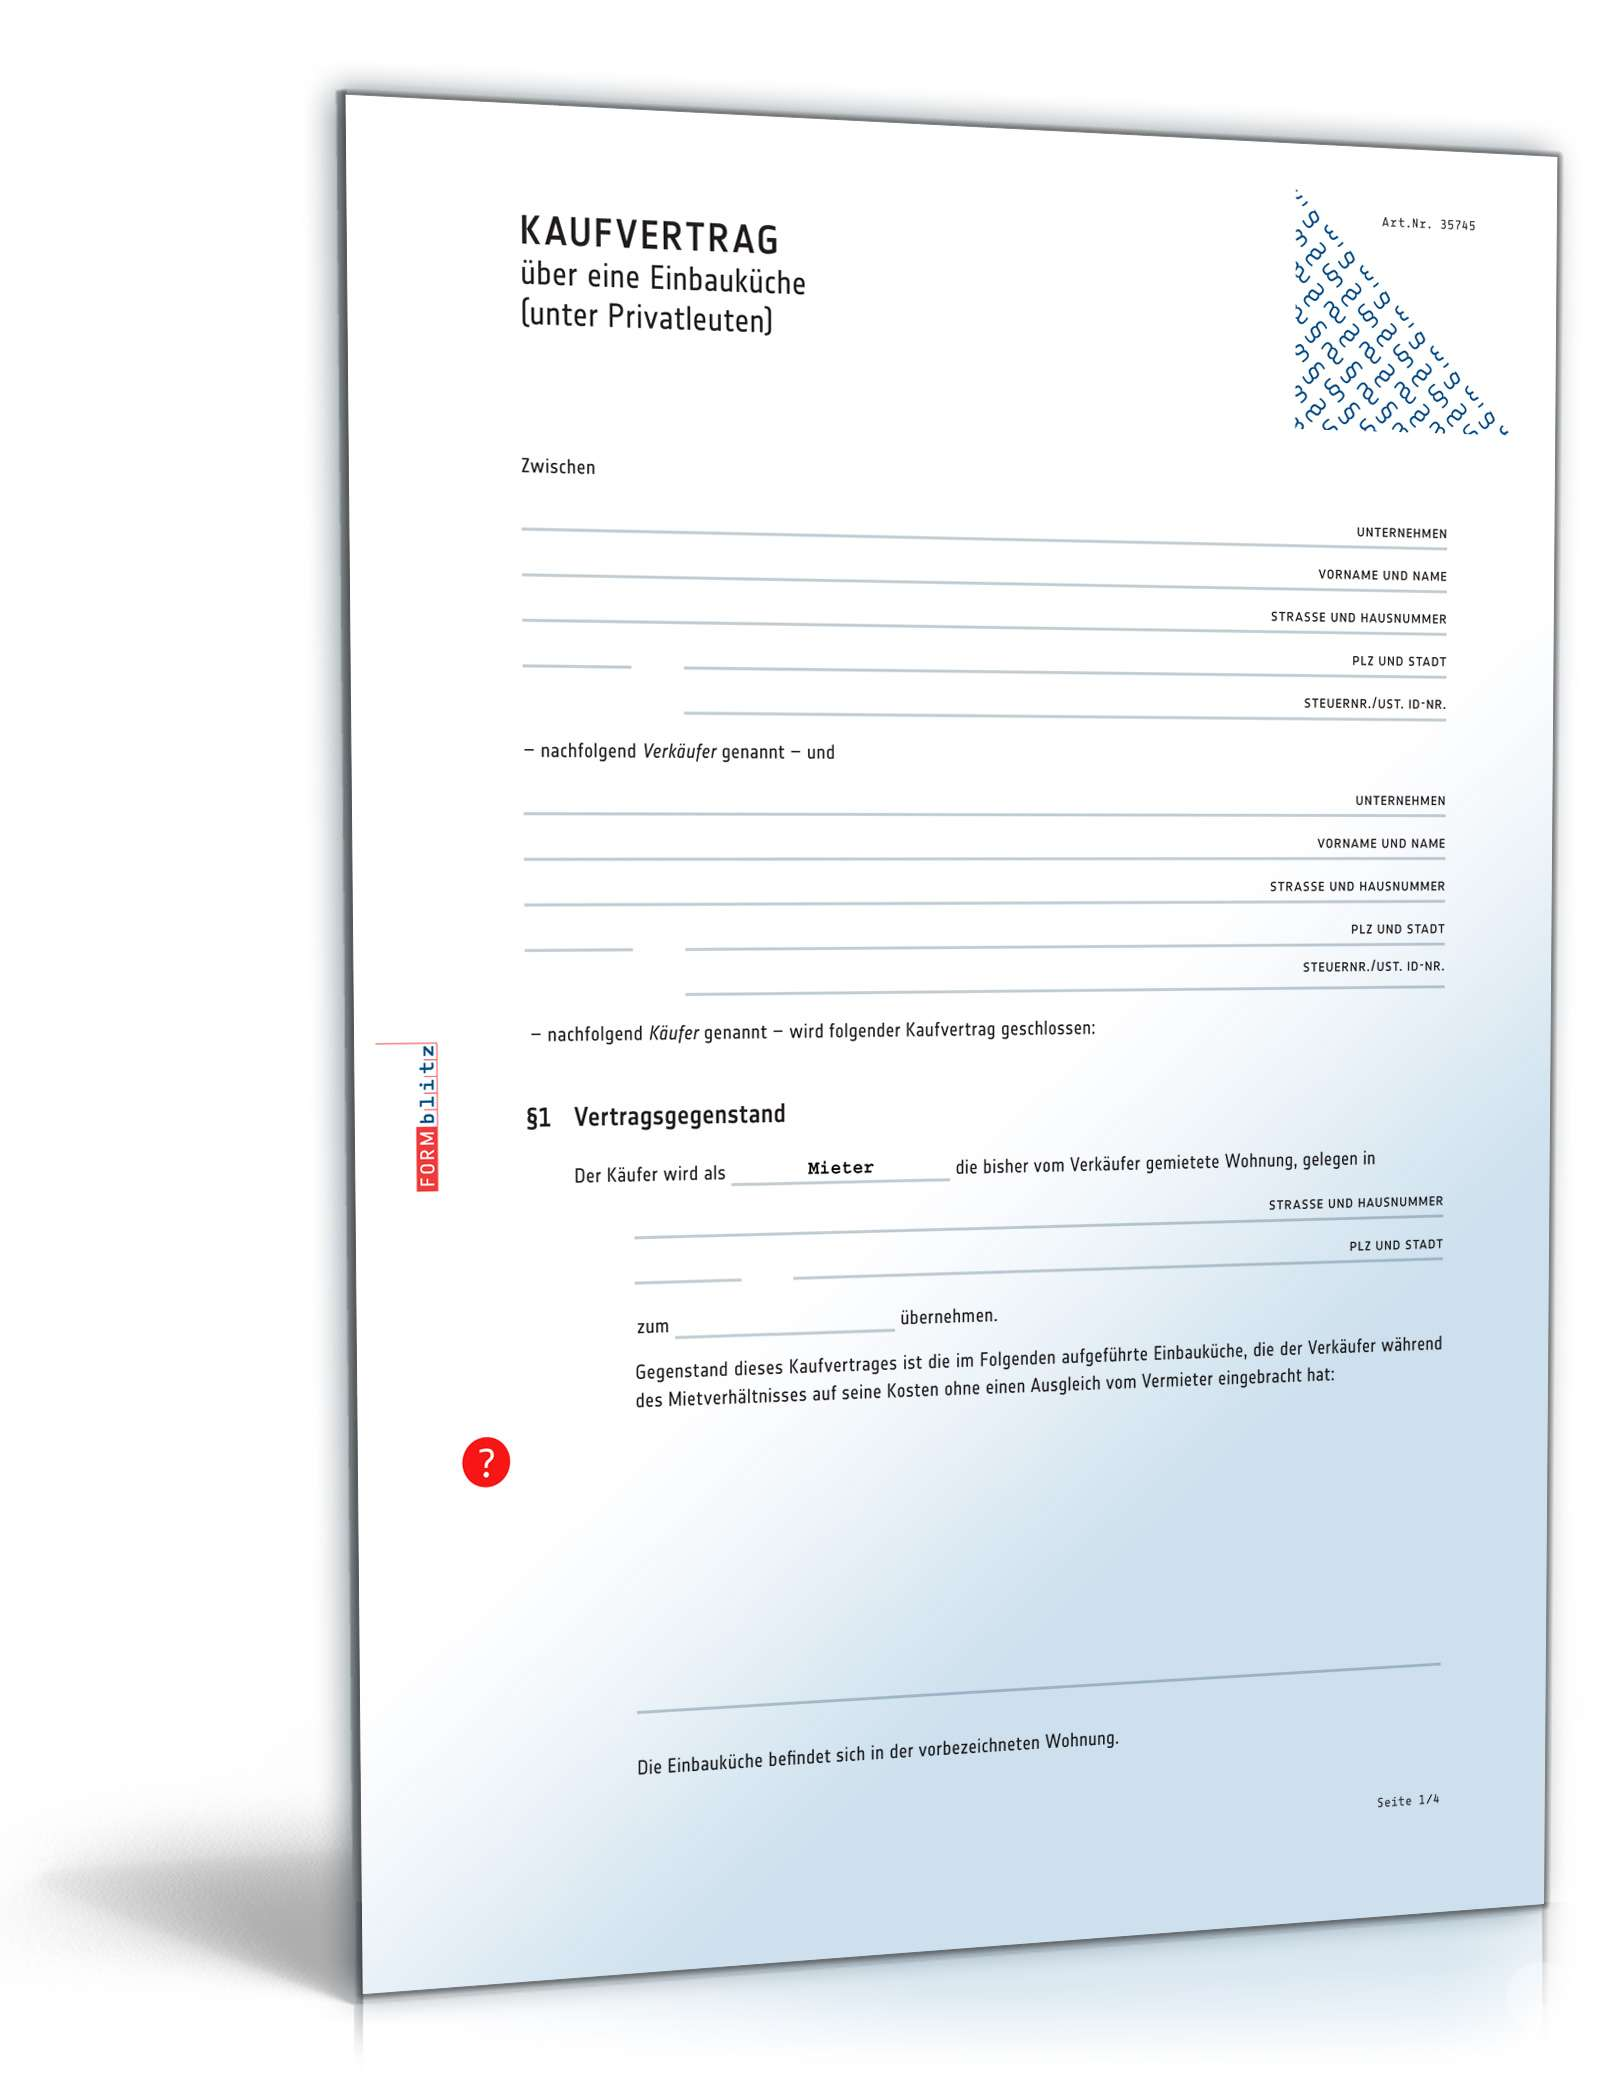 Kaufvertrag küche pdf  Kaufvertrag Küche | Rechtssicheres Muster zum Download